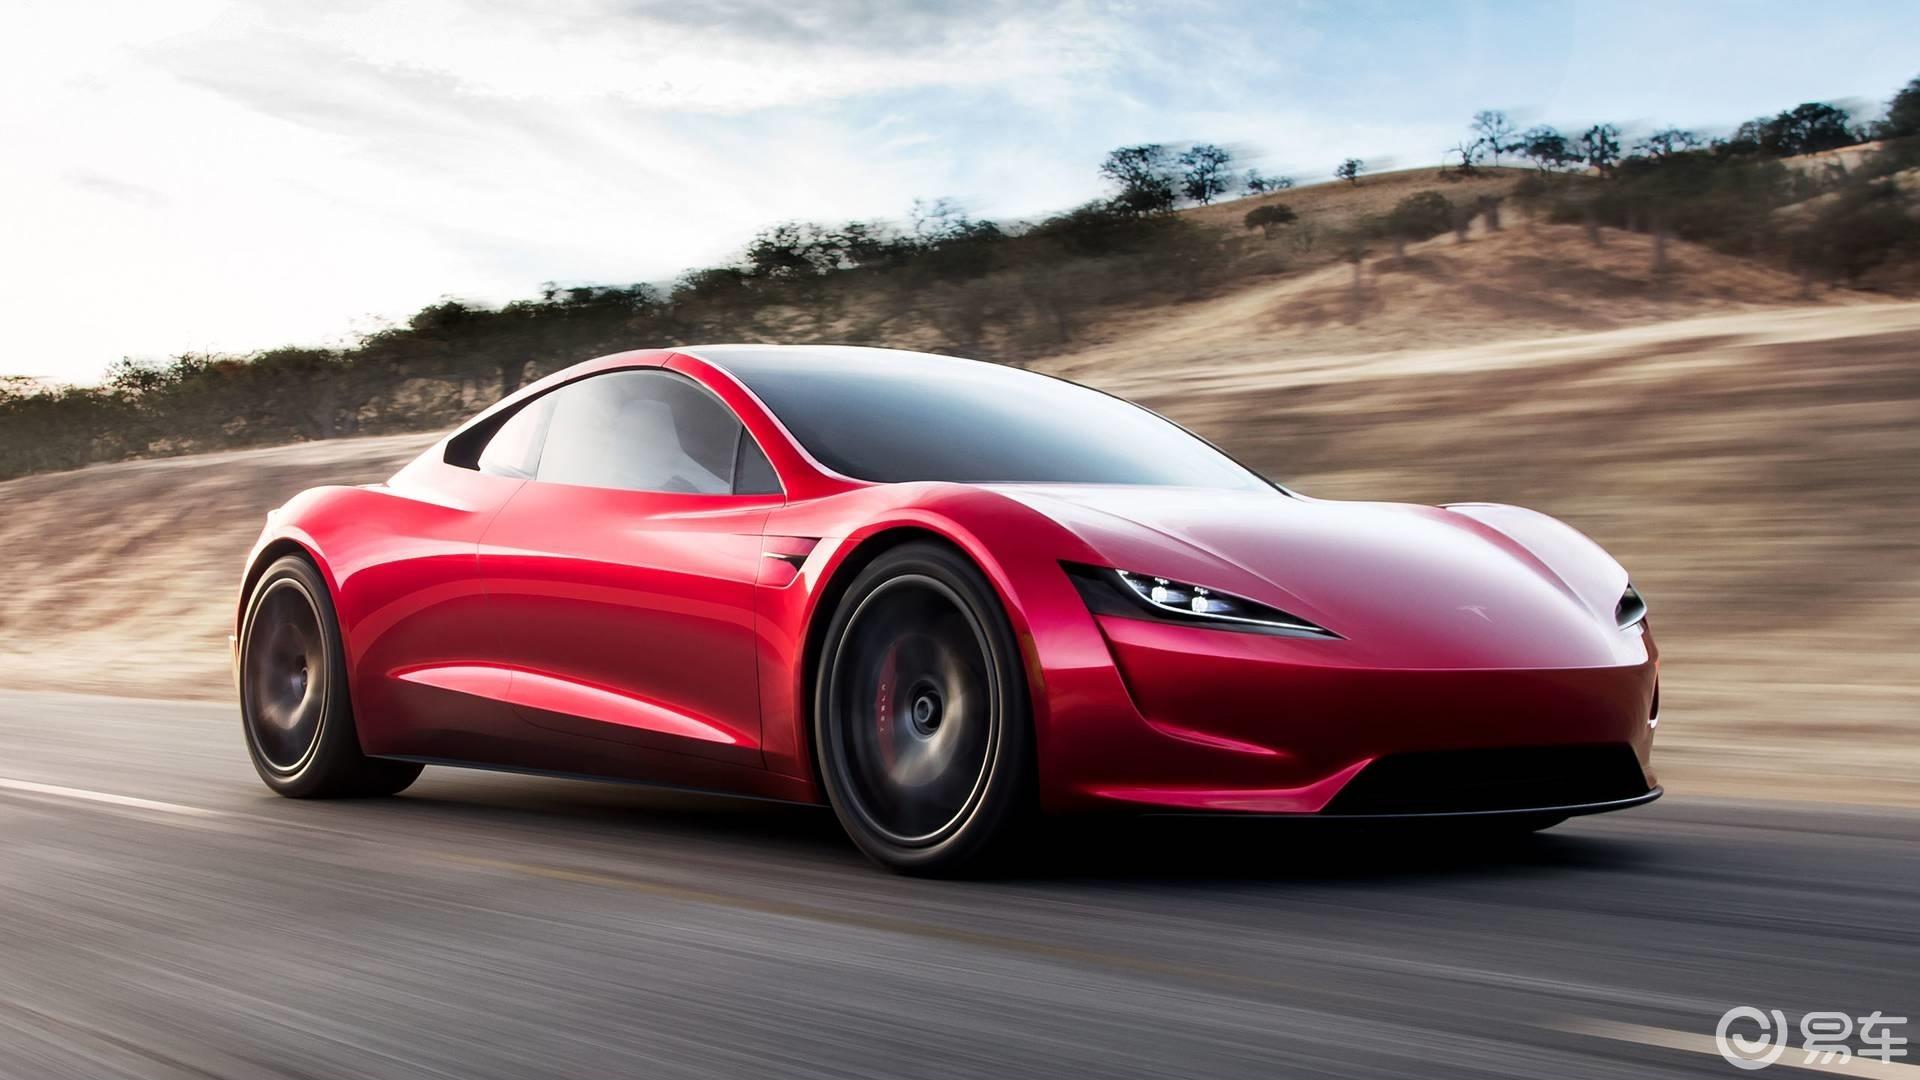 特斯拉北美降价,国内市场Model S/X直降2.9万元